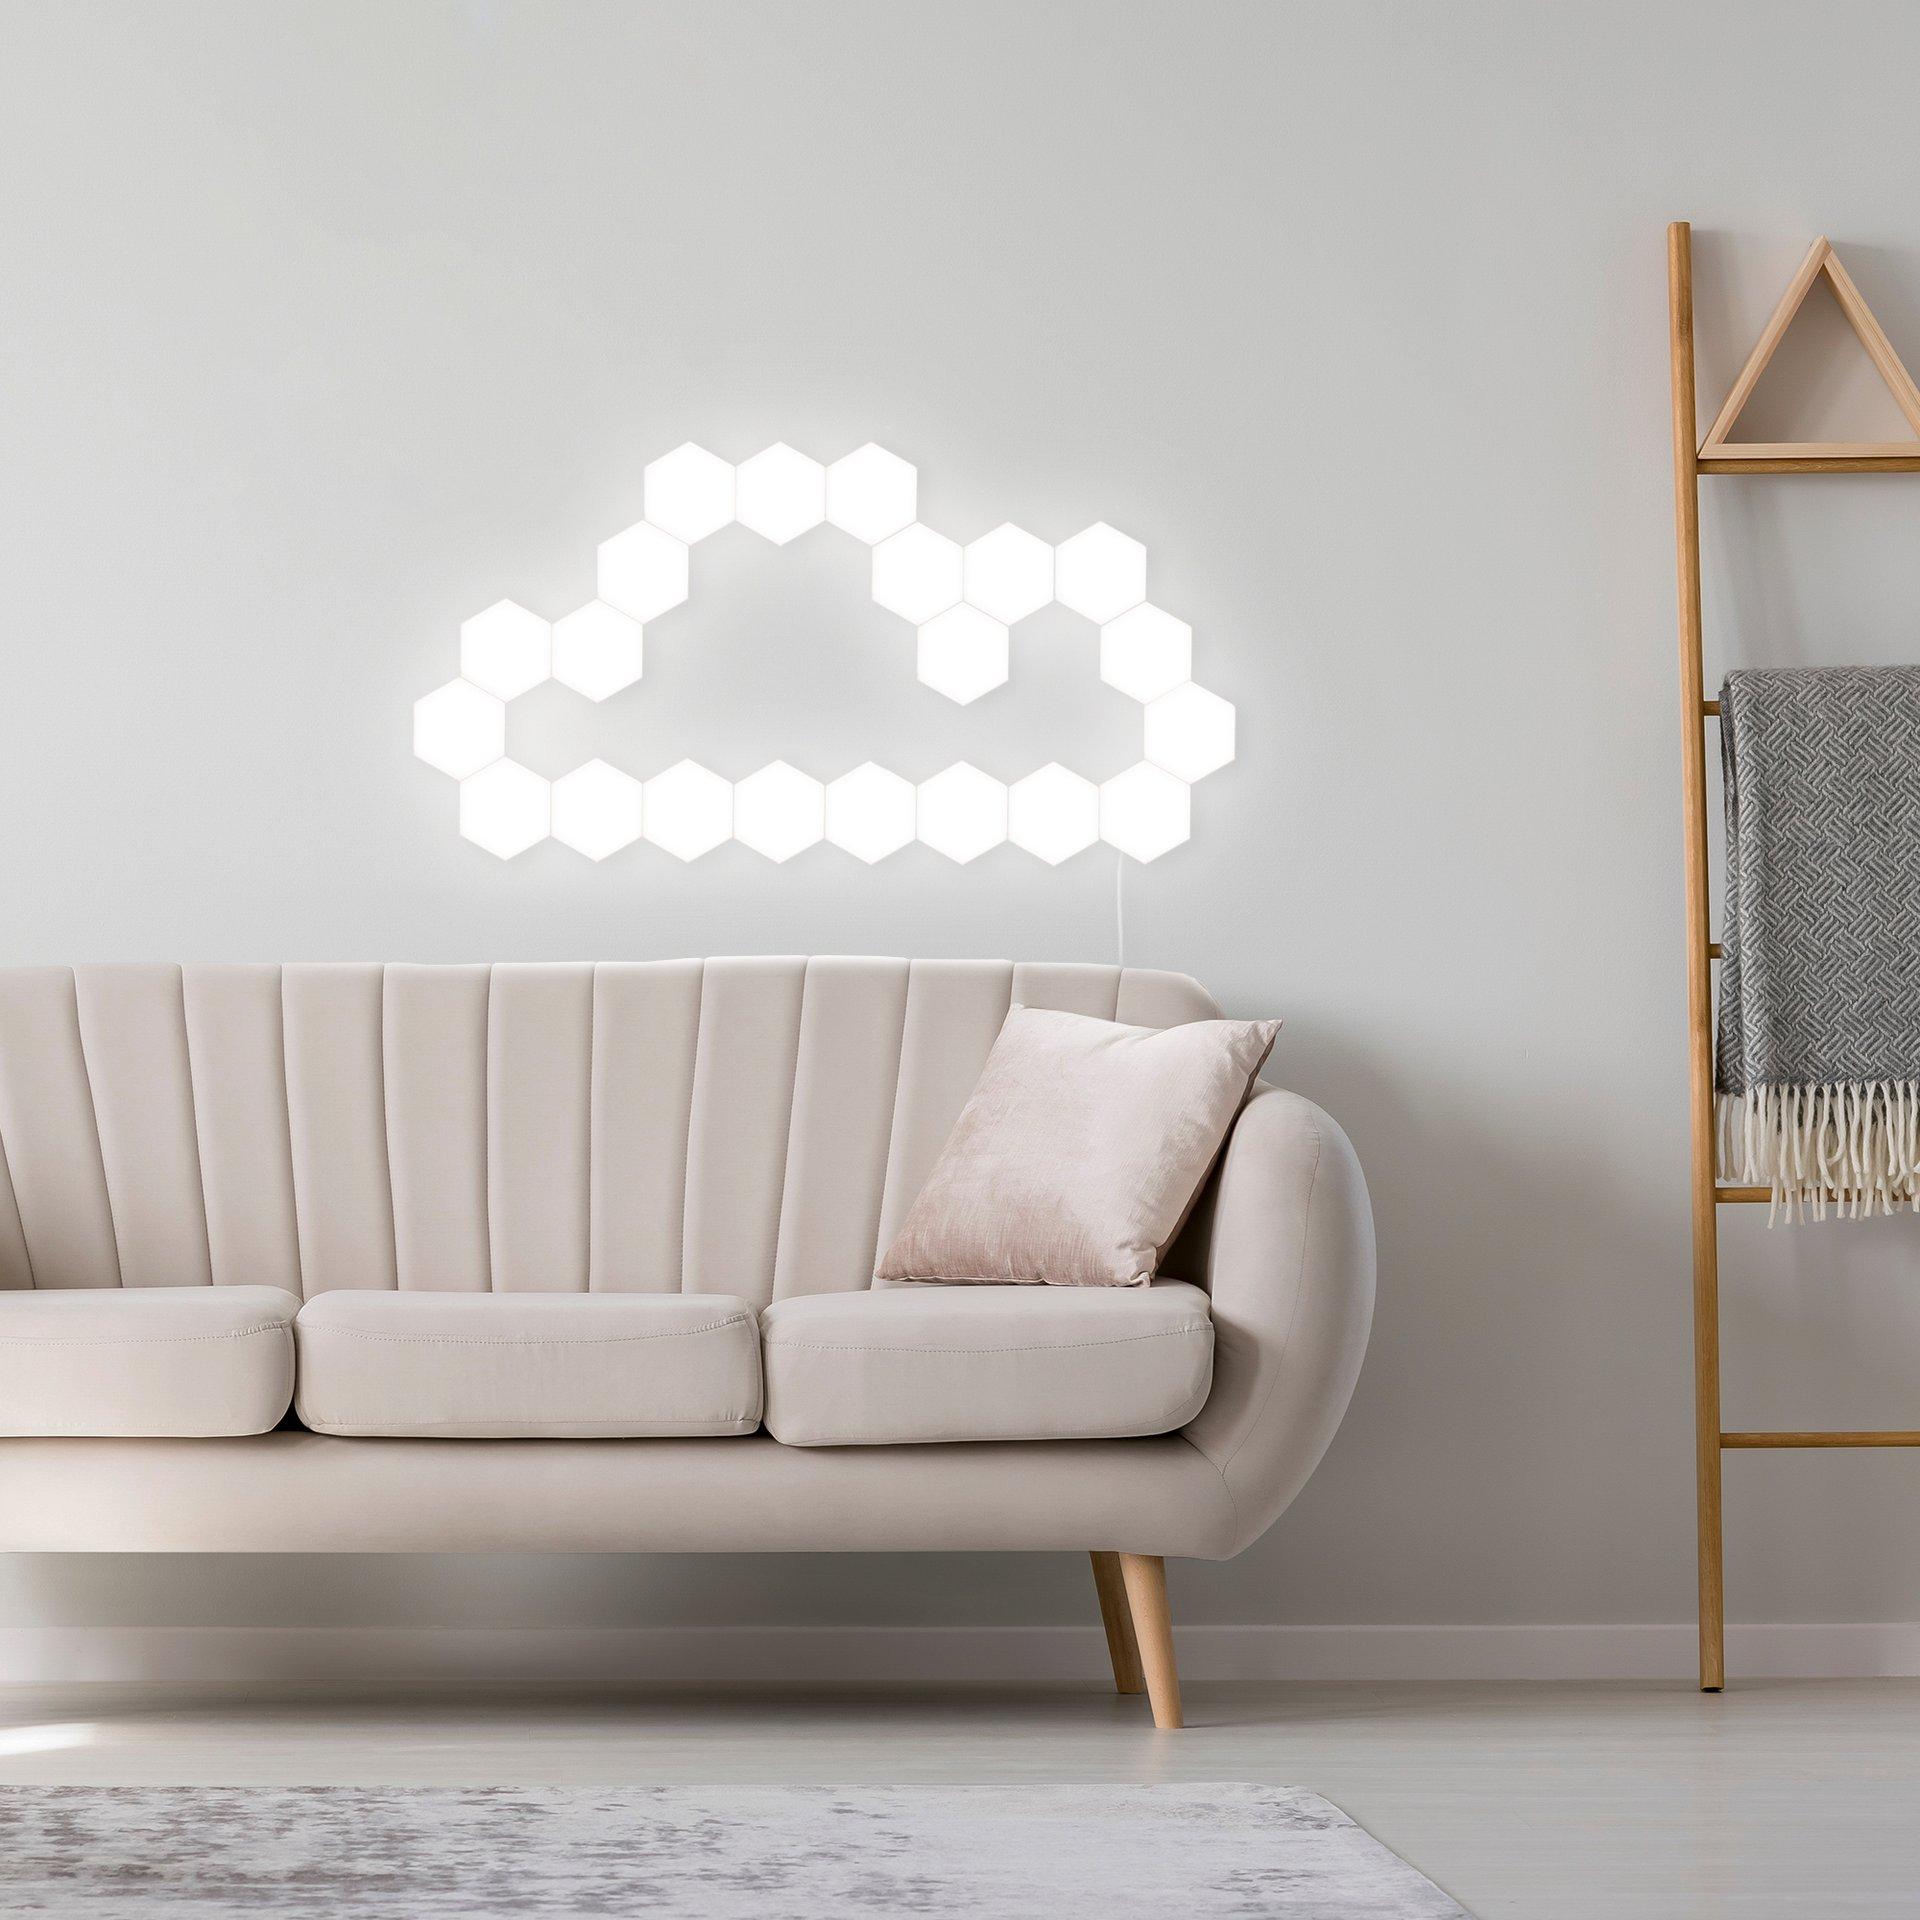 Квантовая лампа, светодиодные шестиугольные лампы, модульное Сенсорное освещение, ночник, магнитный Шестигранник, креативное украшение, на... - 6